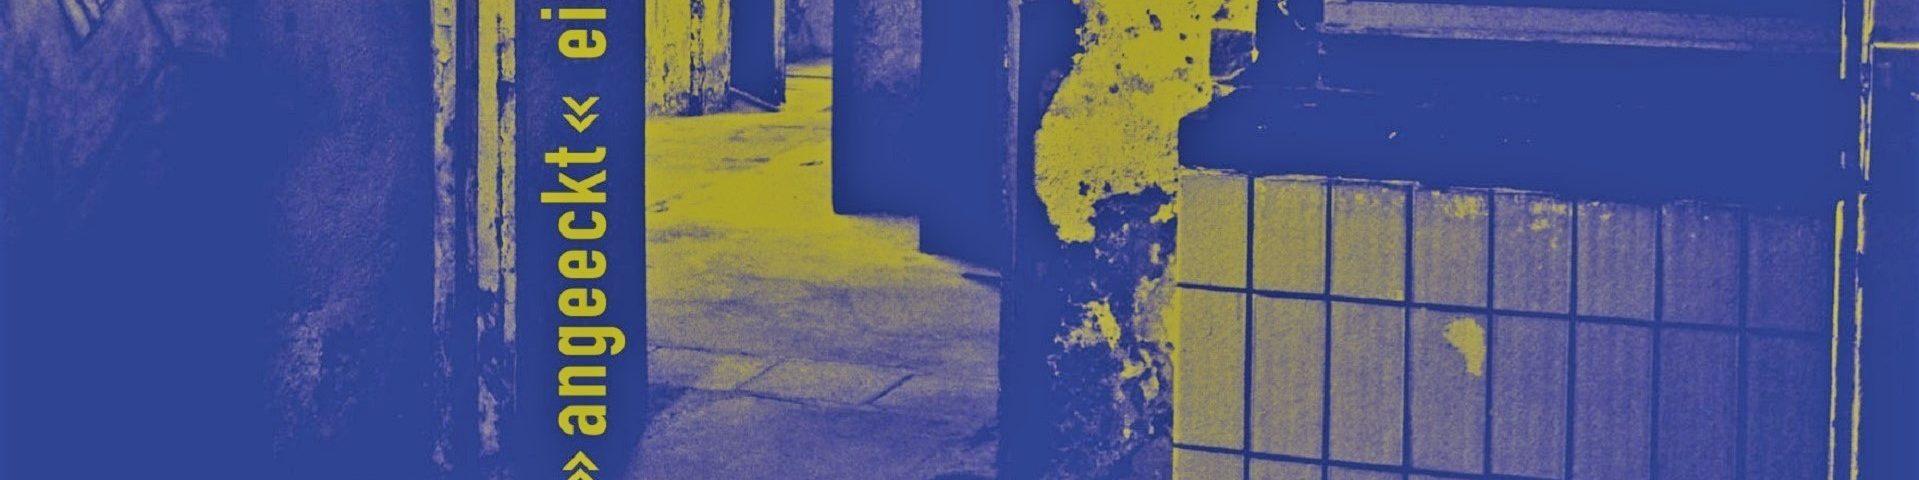 Schülerperspektiven auf die Dresdner Stasi-Haft